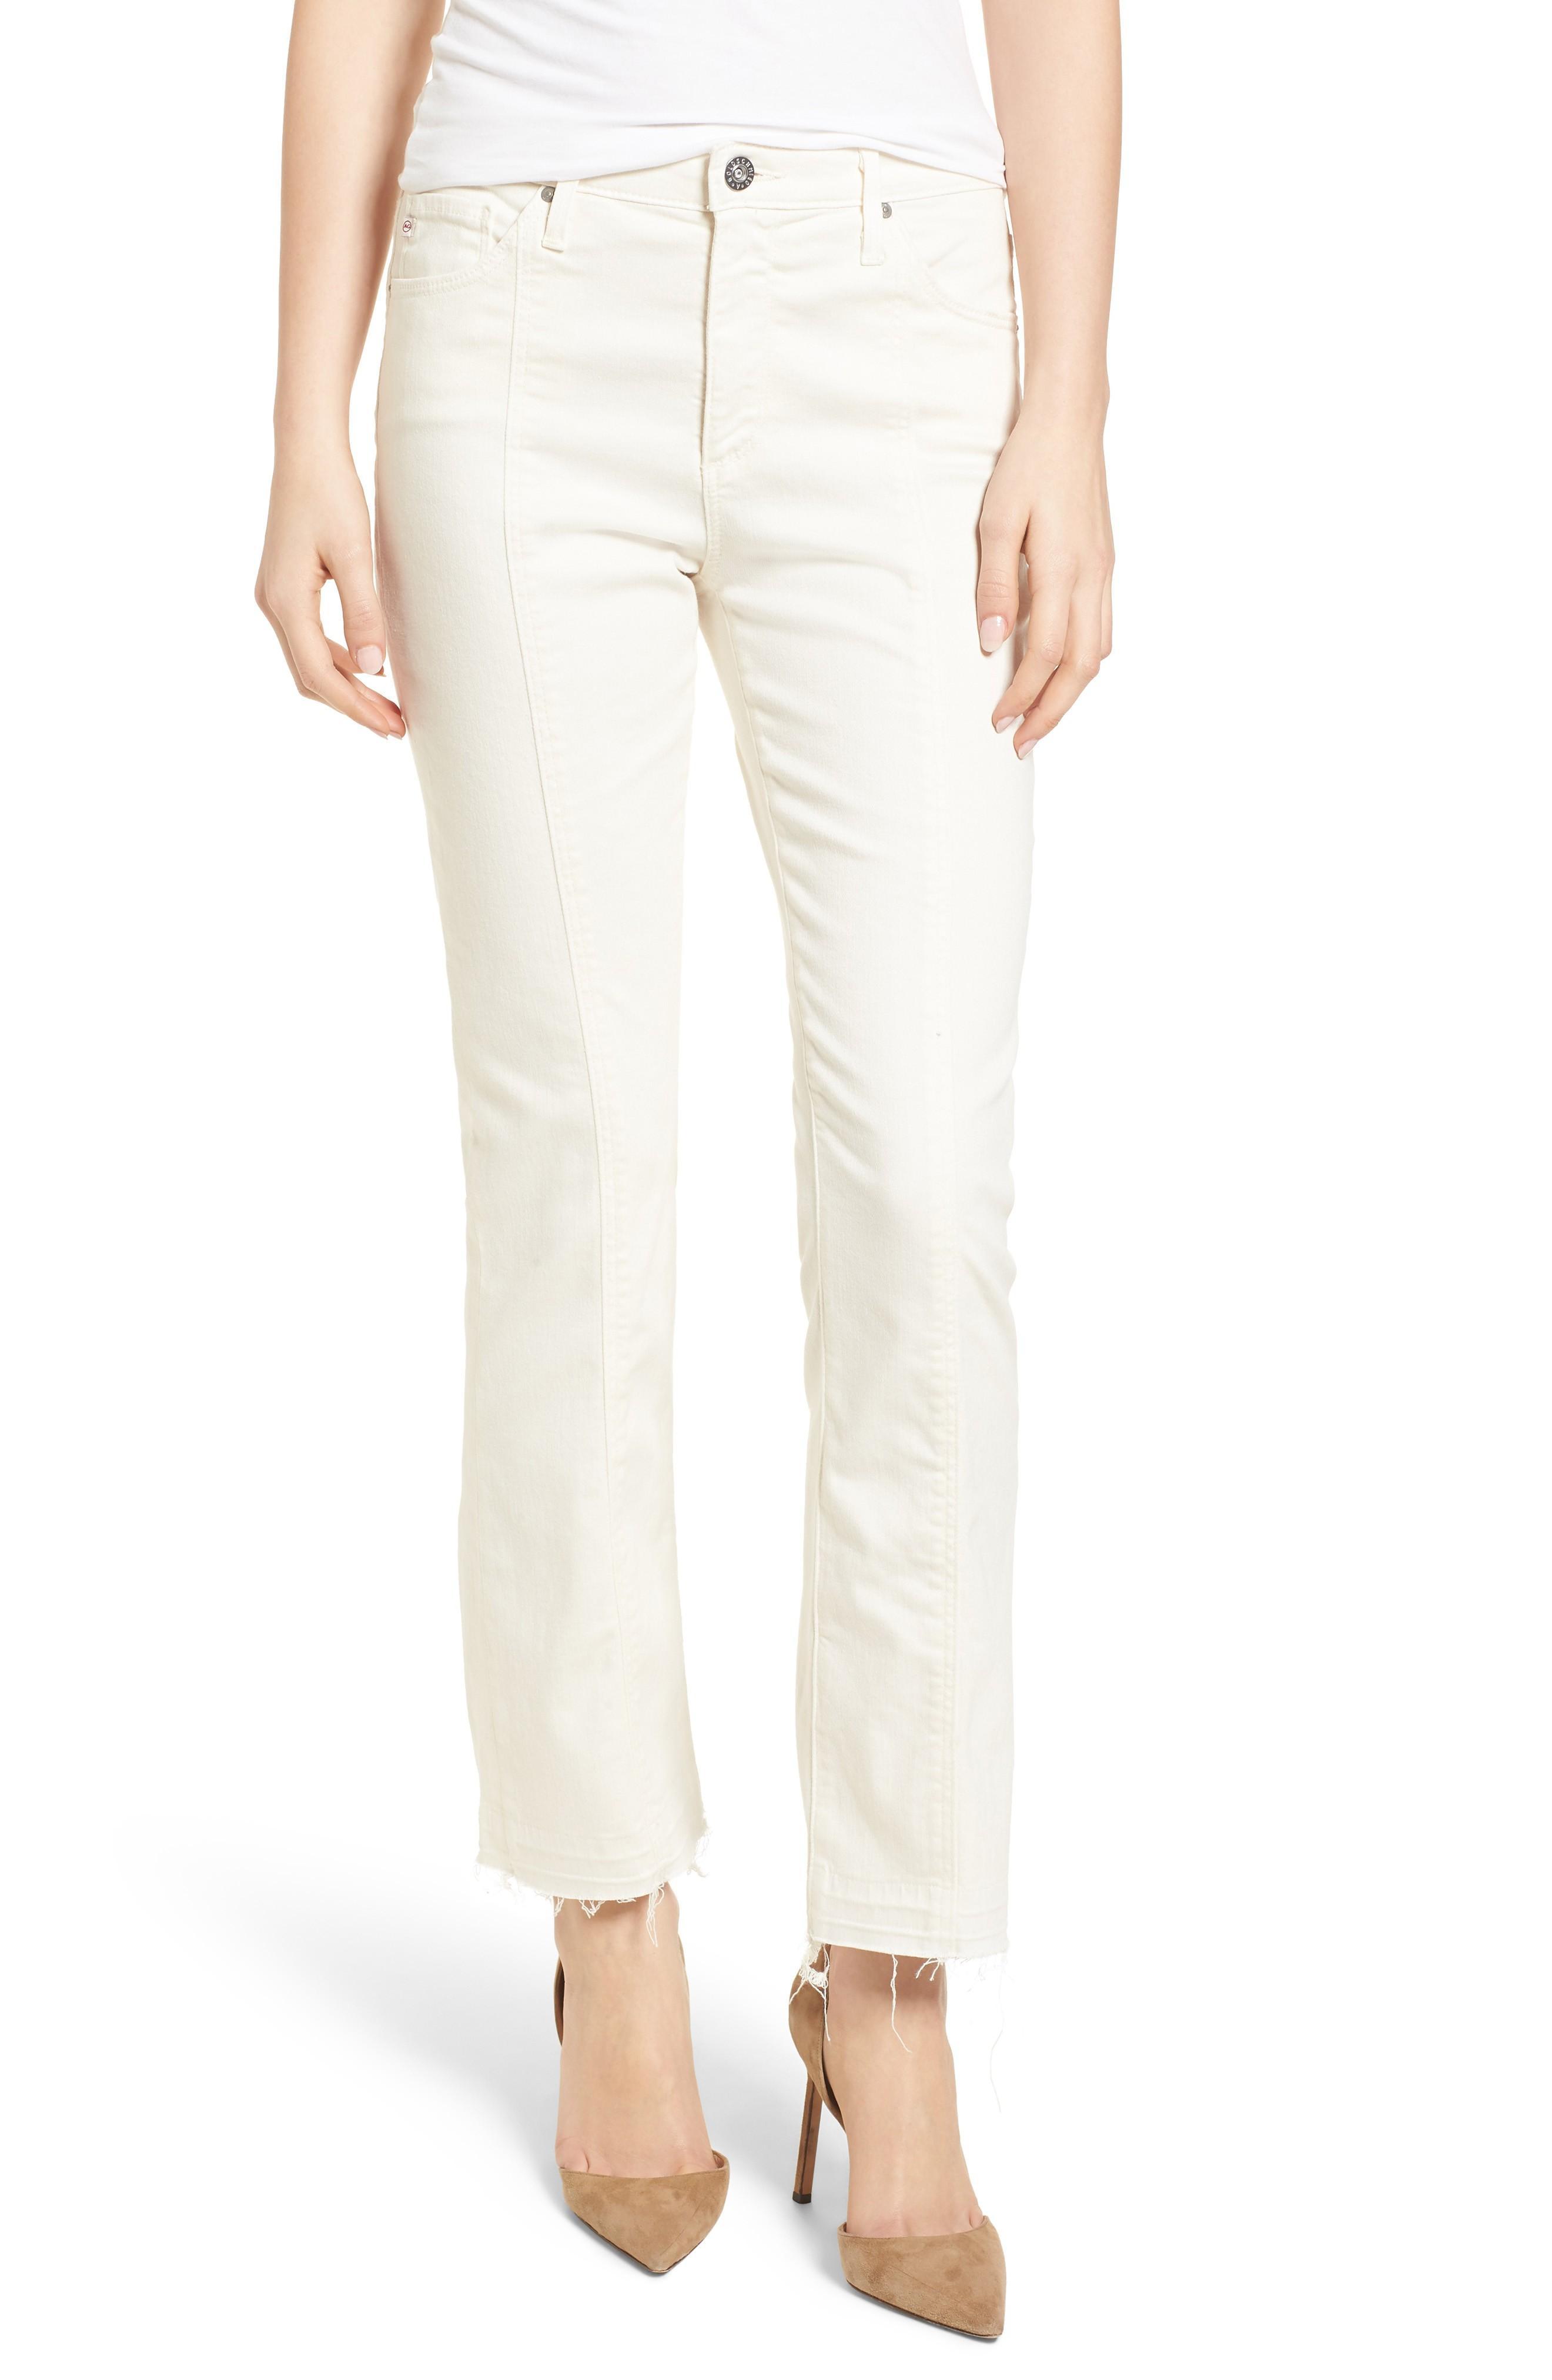 Ag Jodi Crop Jeans In Misty Morning